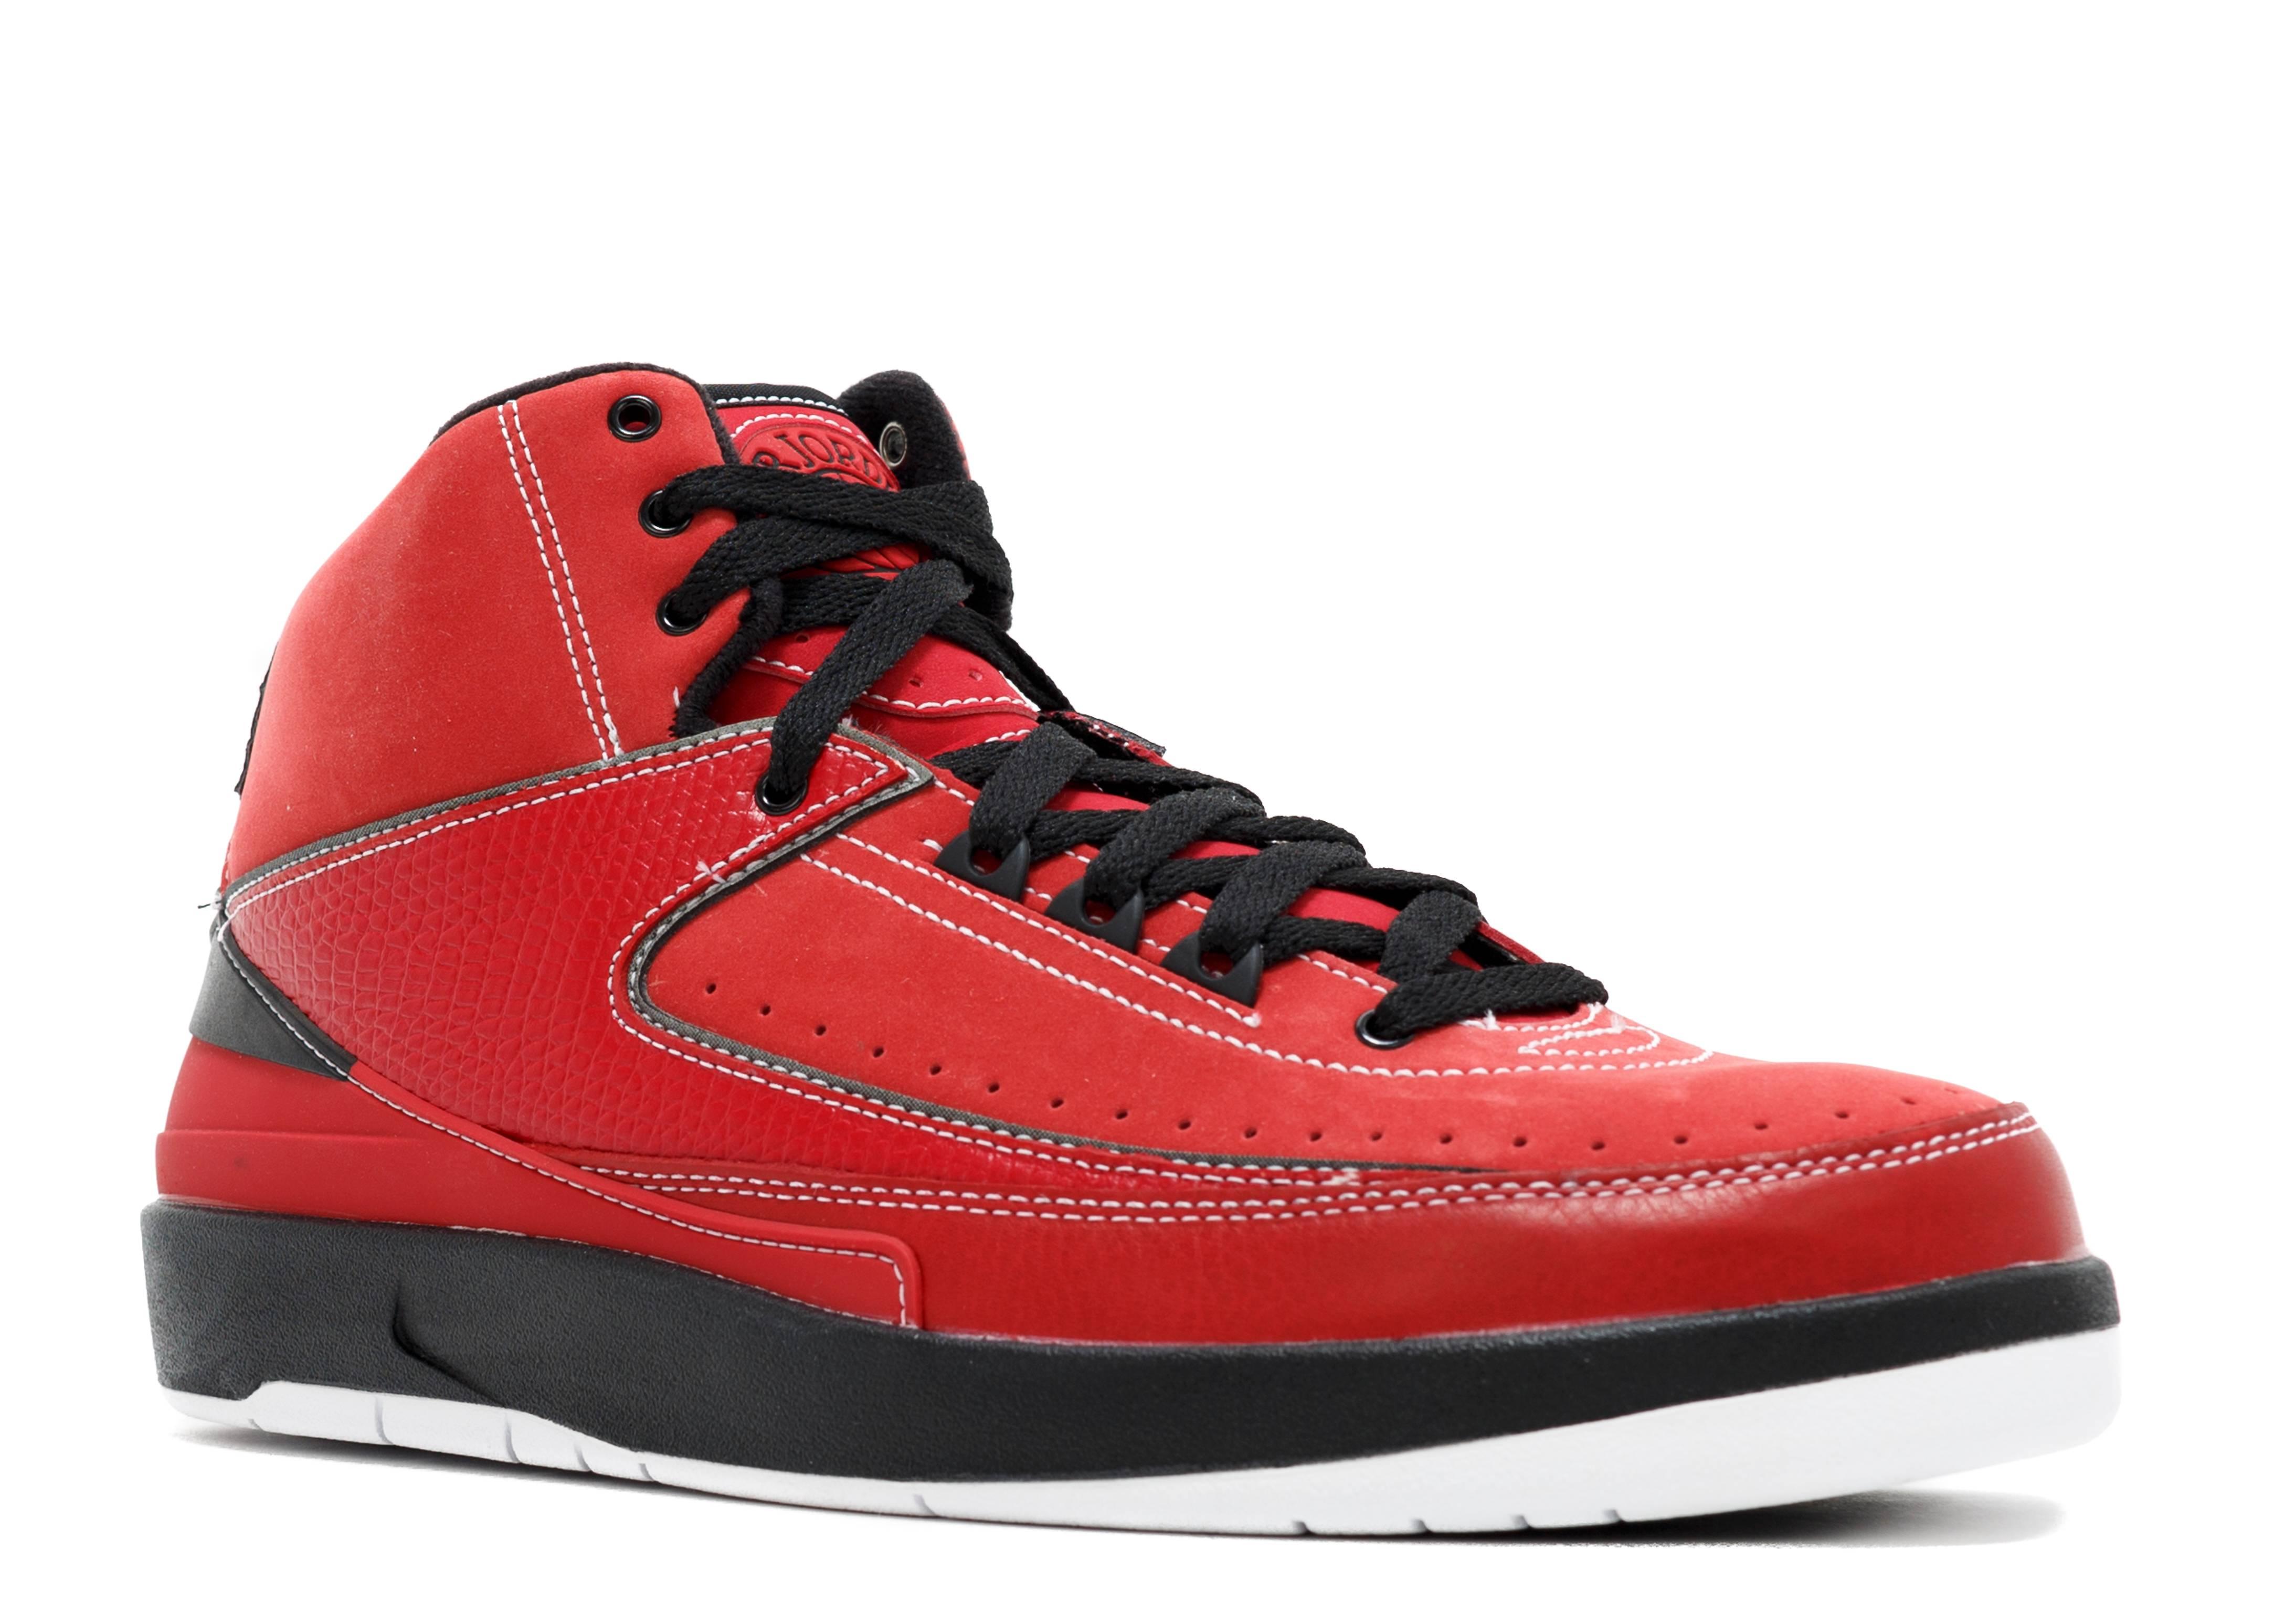 red and black jordan 2